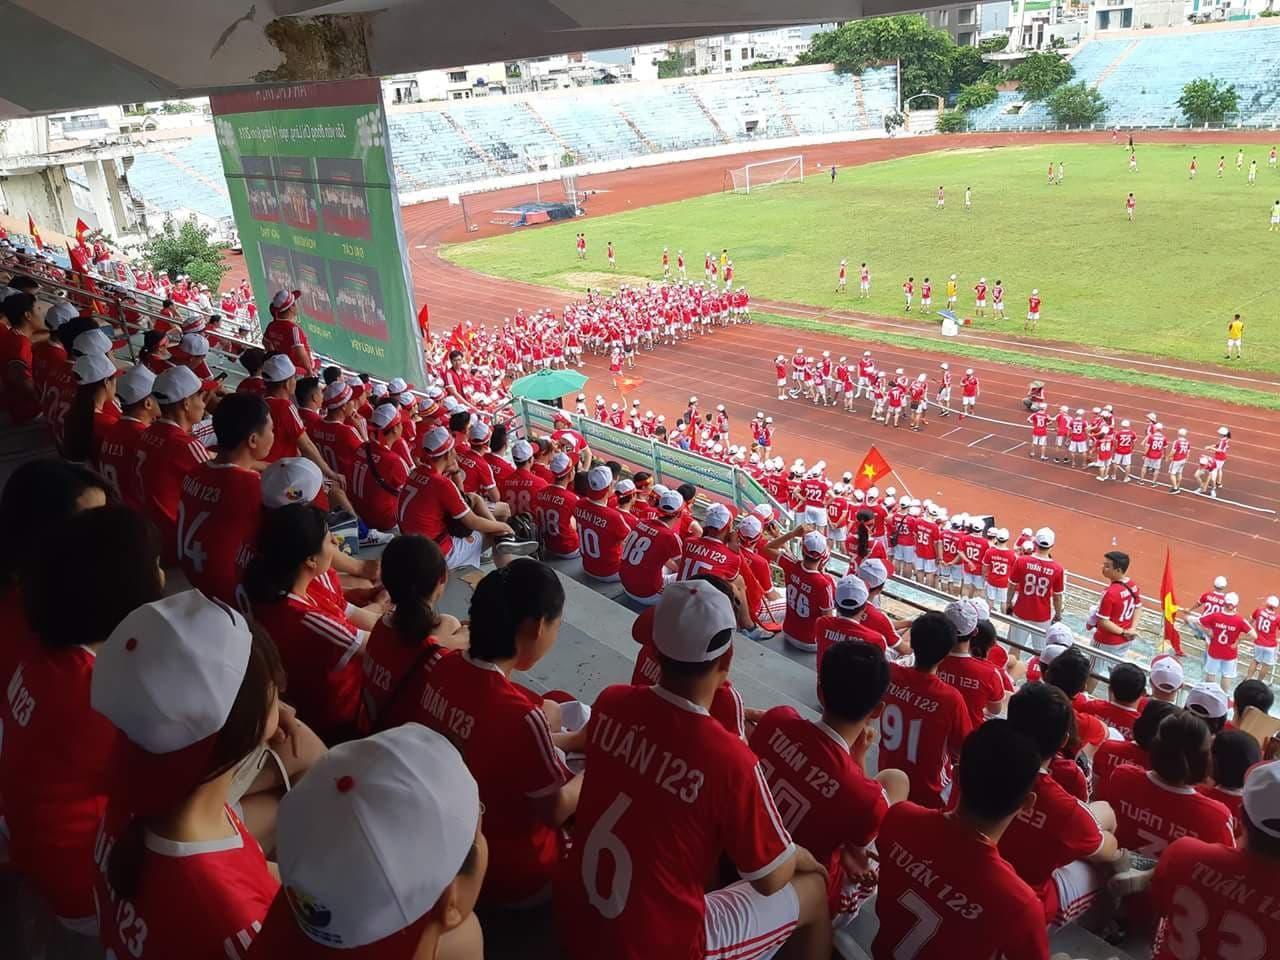 Đại hội thể thao Tuấn 123 tại sân vận động Chi Lăng - Đà Nẵng hơn 1000 người thành viên Công ty tham dự